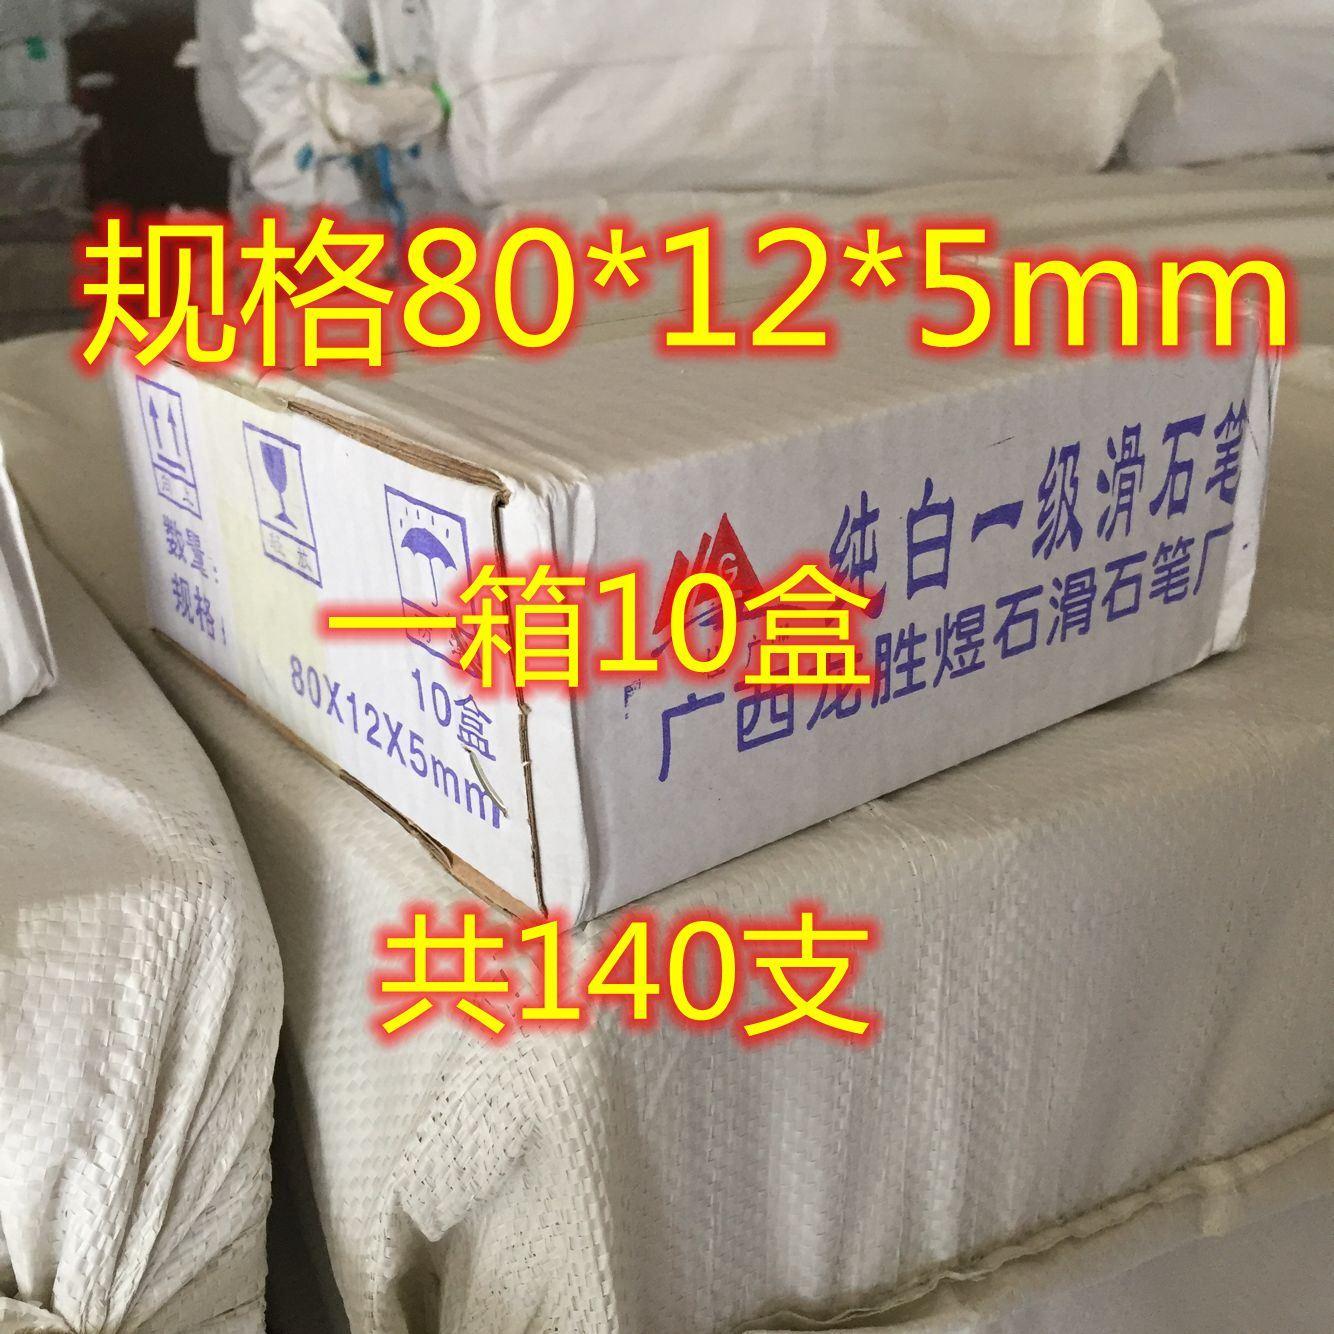 Другие электрические товары Артикул 590967894730